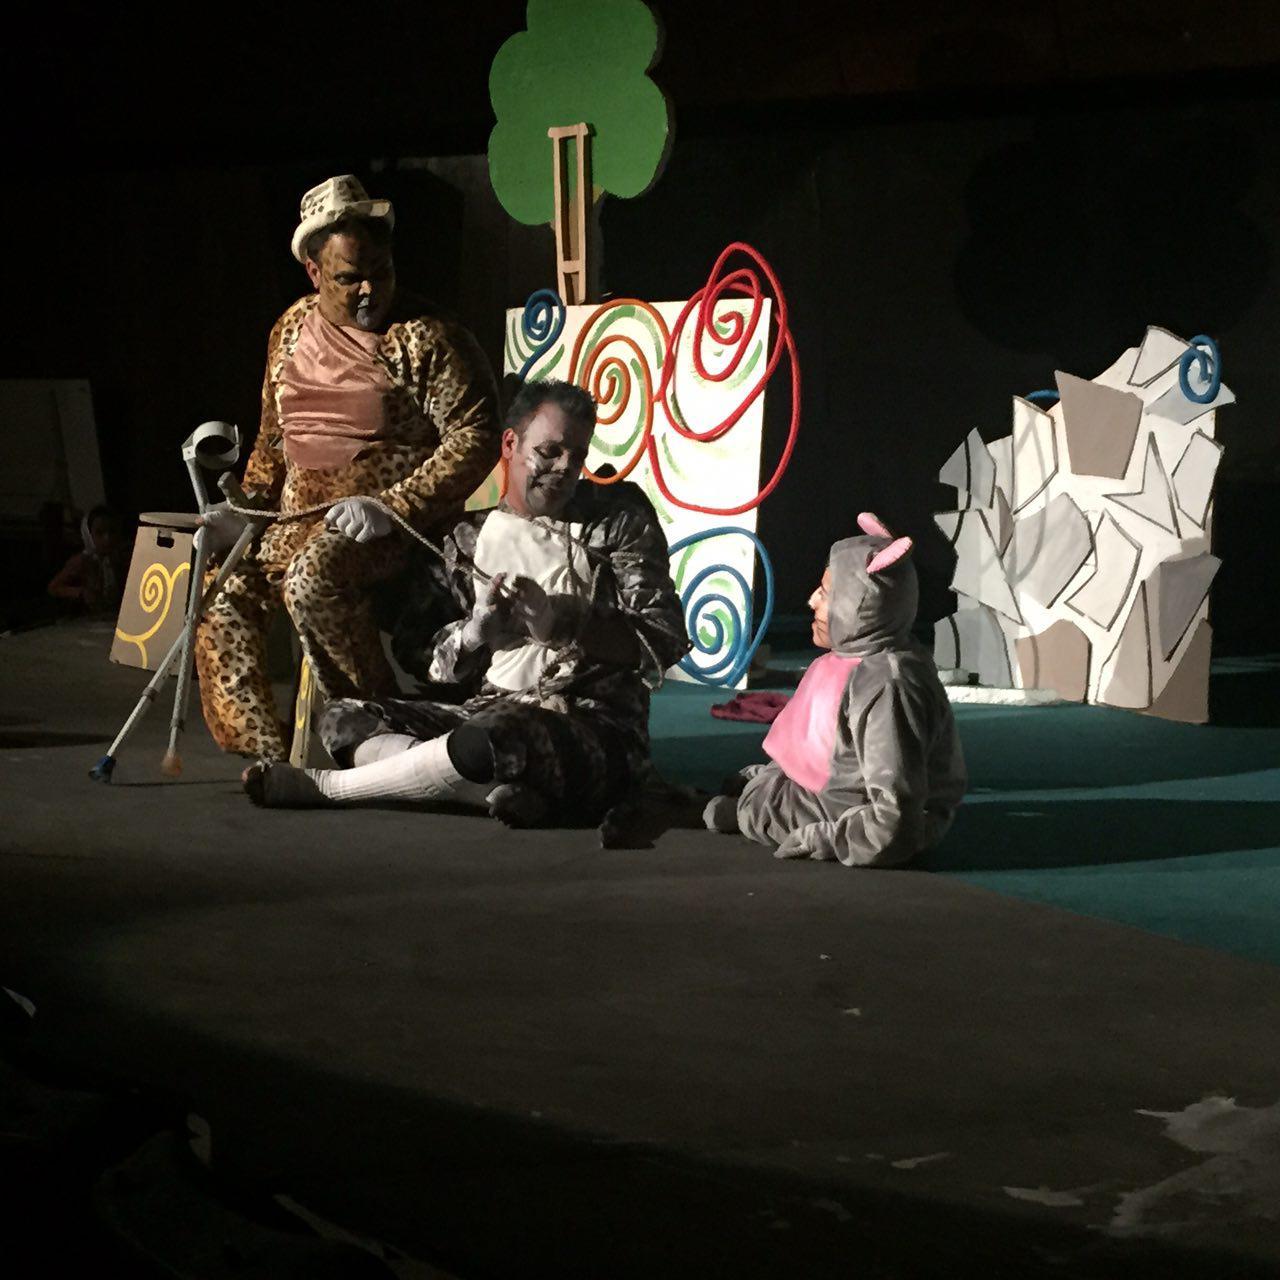 اجرای نمایش «گربه و پلنگ » در سومین جشنواره تئاتر منطقه ای معلولان کویر